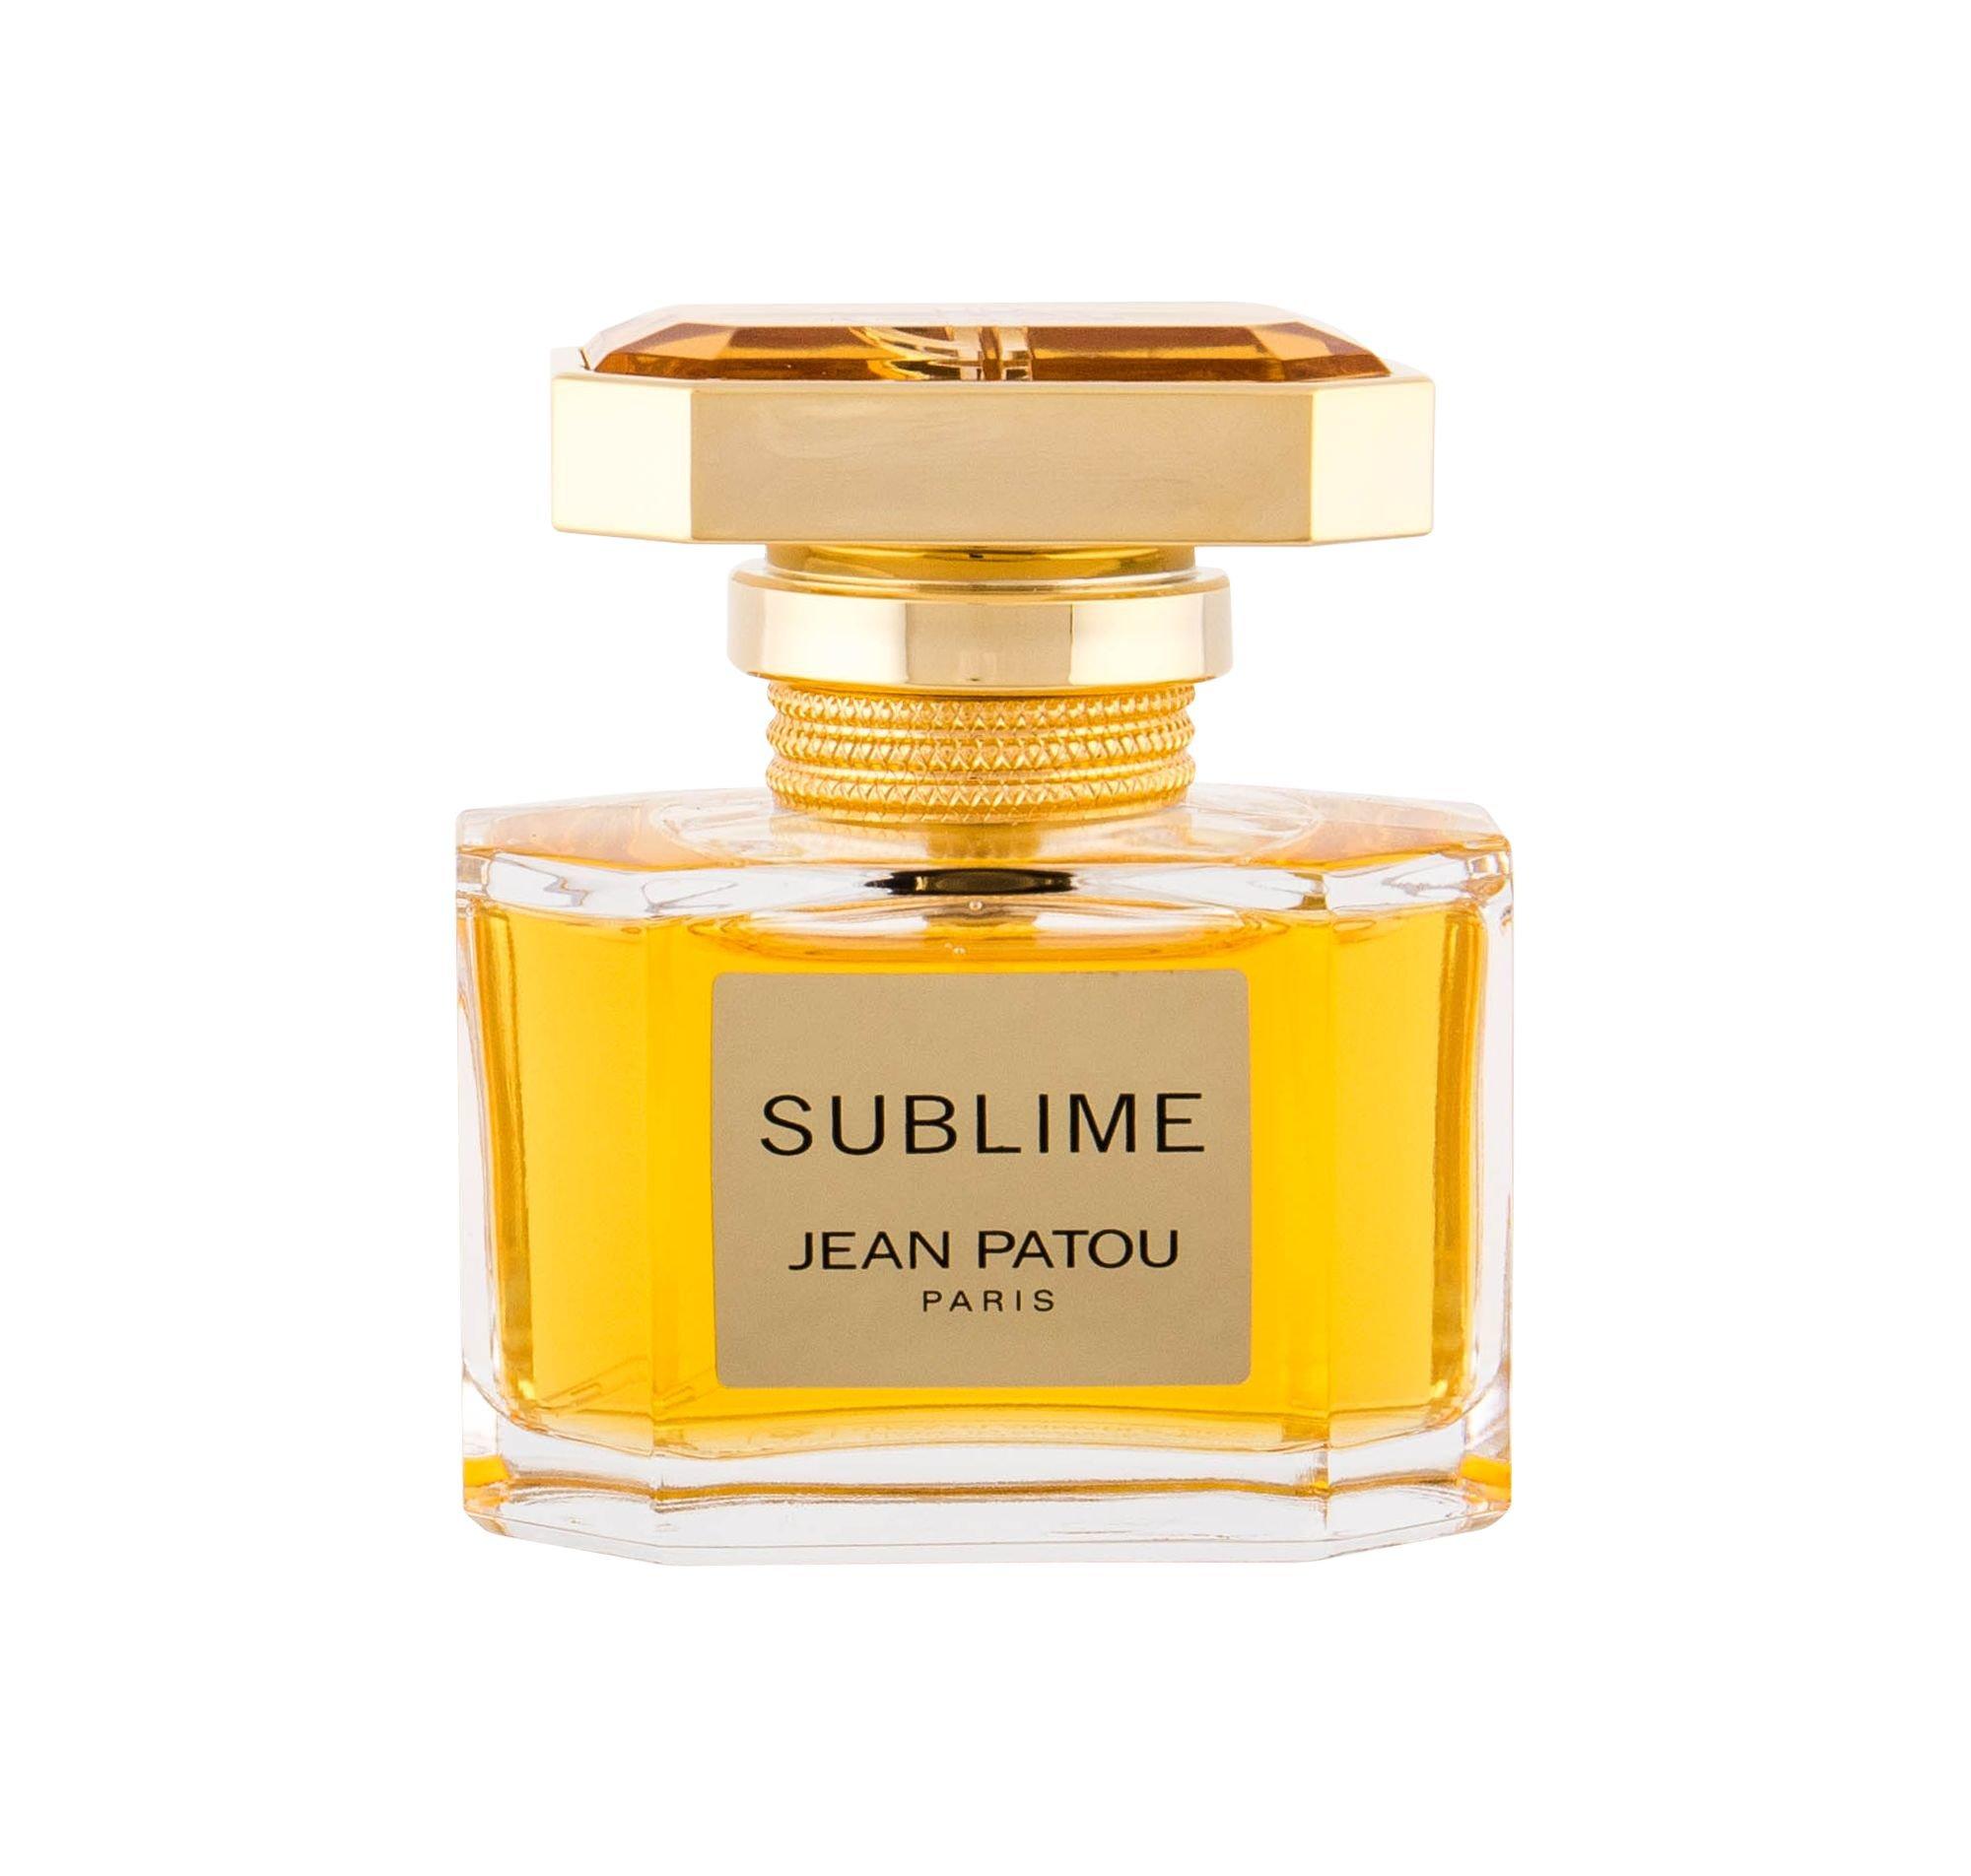 Jean Patou Sublime Eau de Parfum 30ml